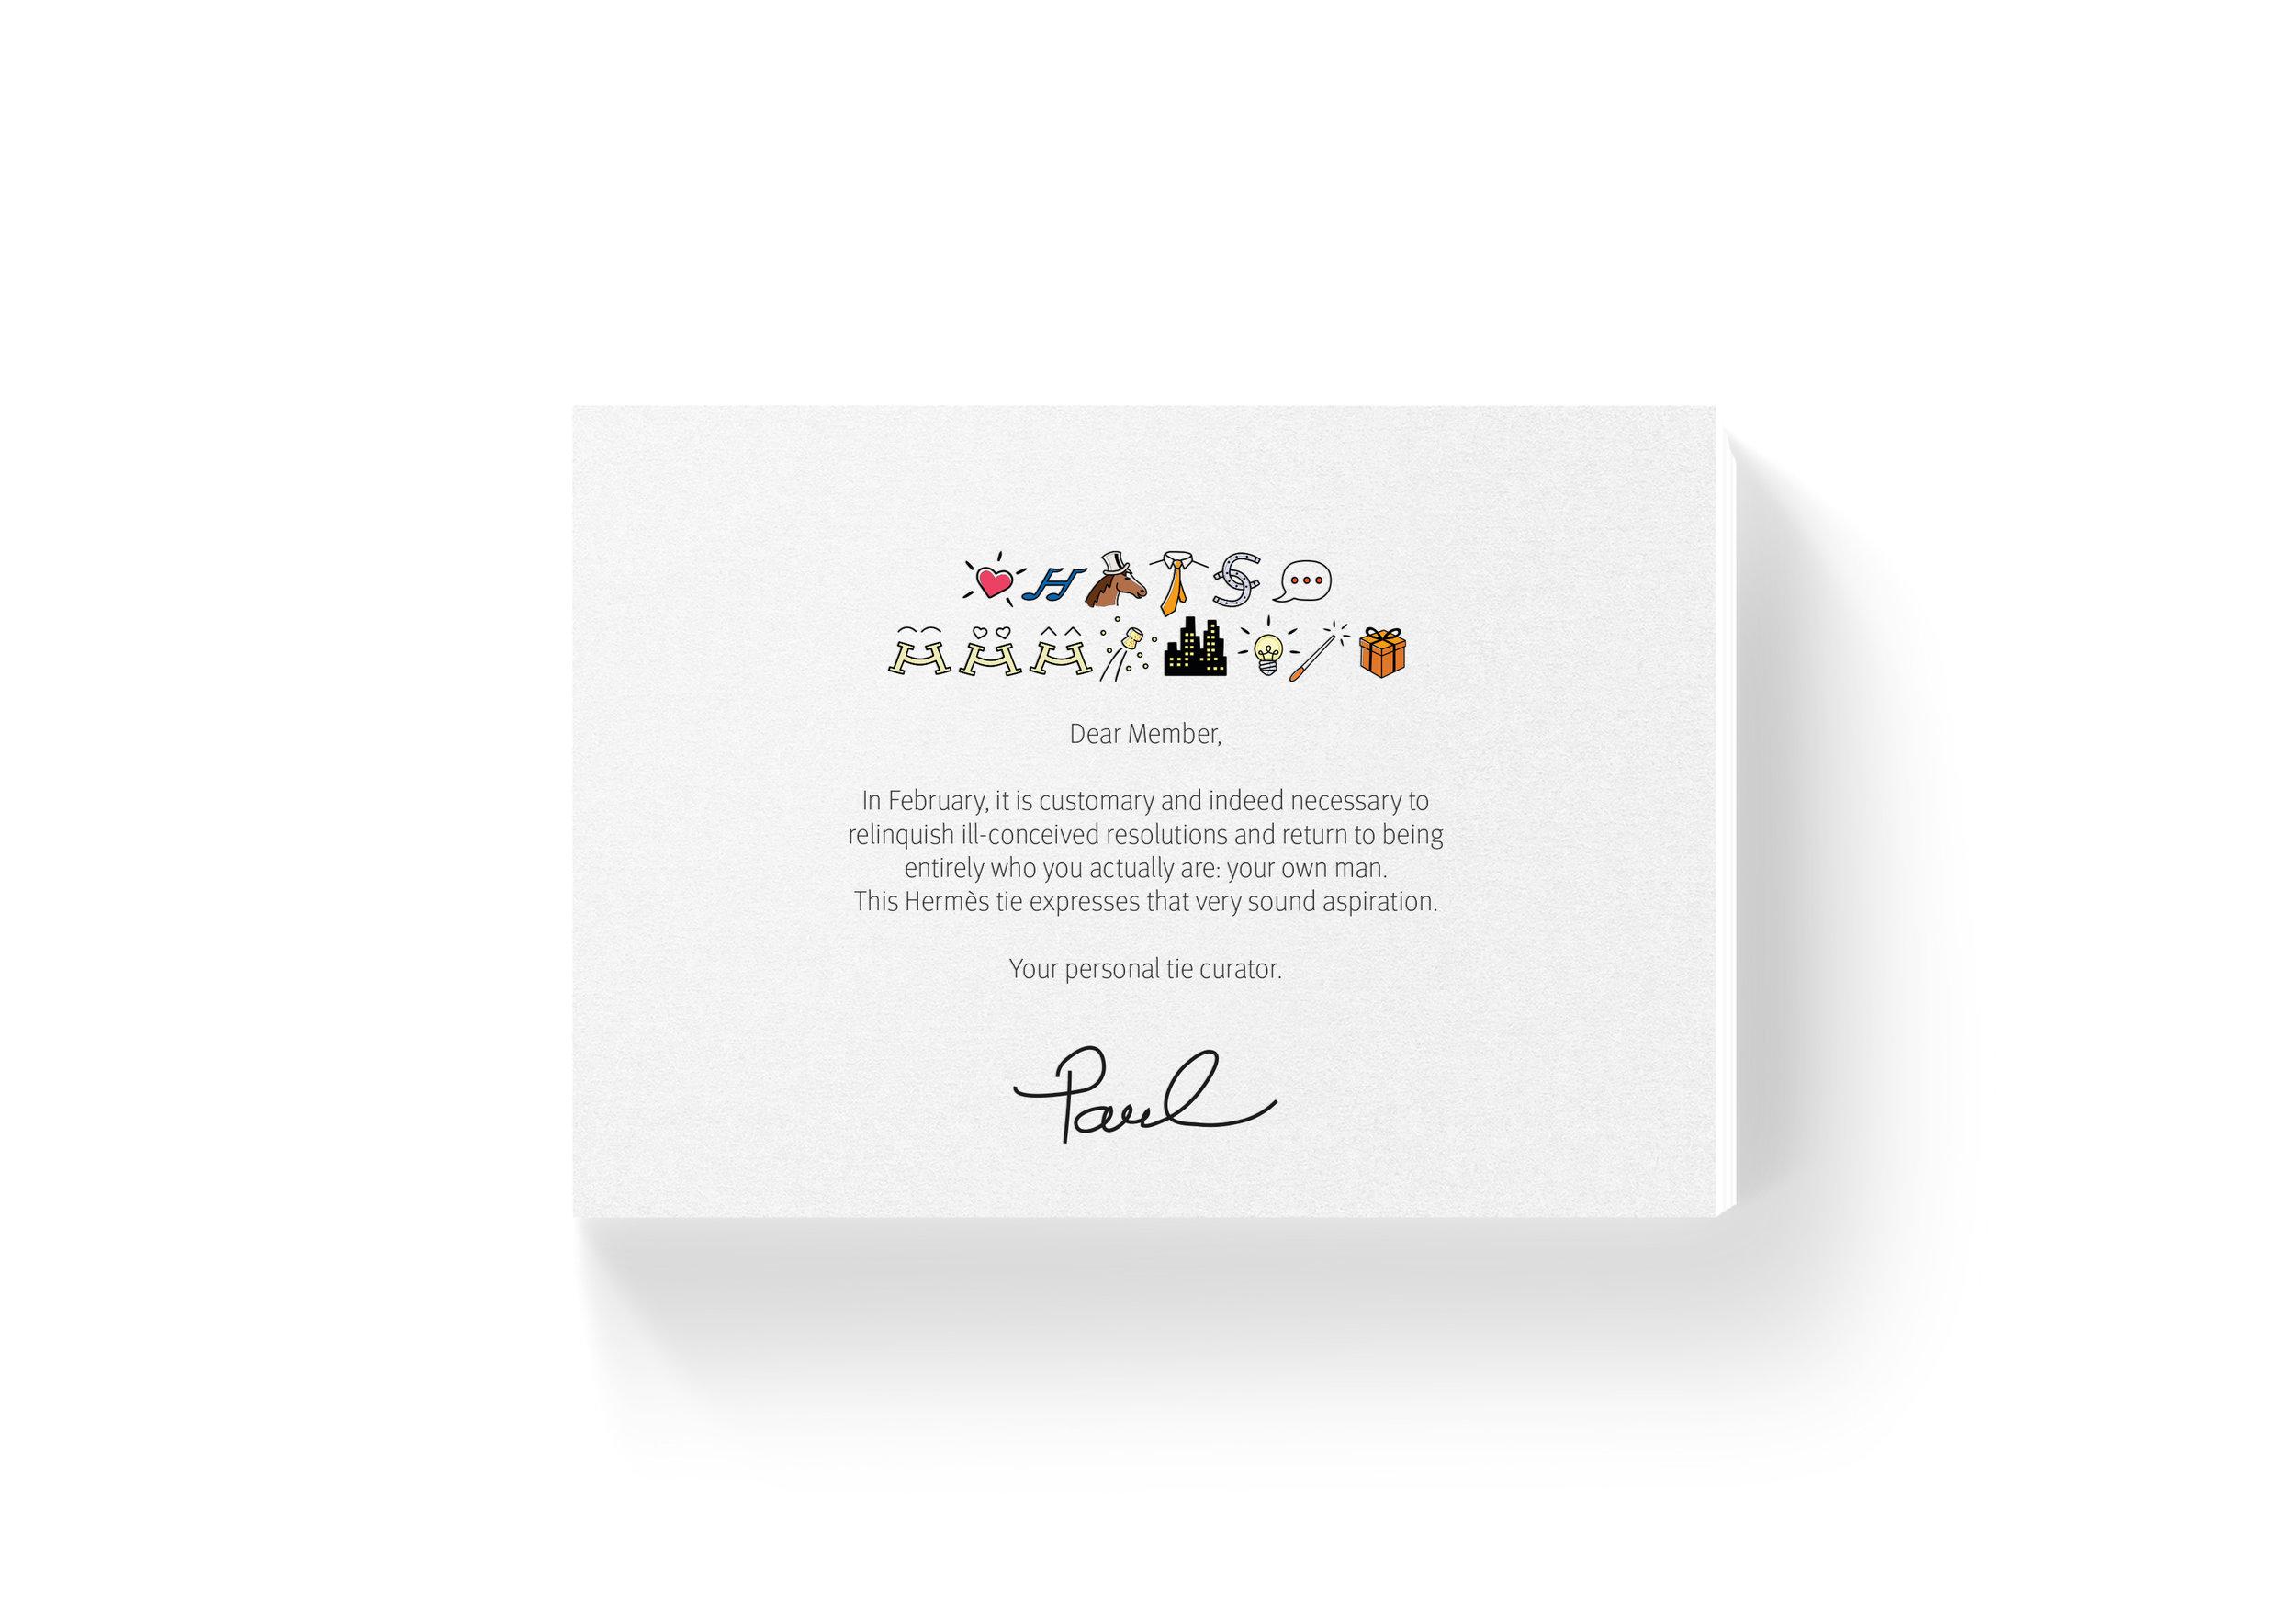 CARDS_FINAL_02.jpg